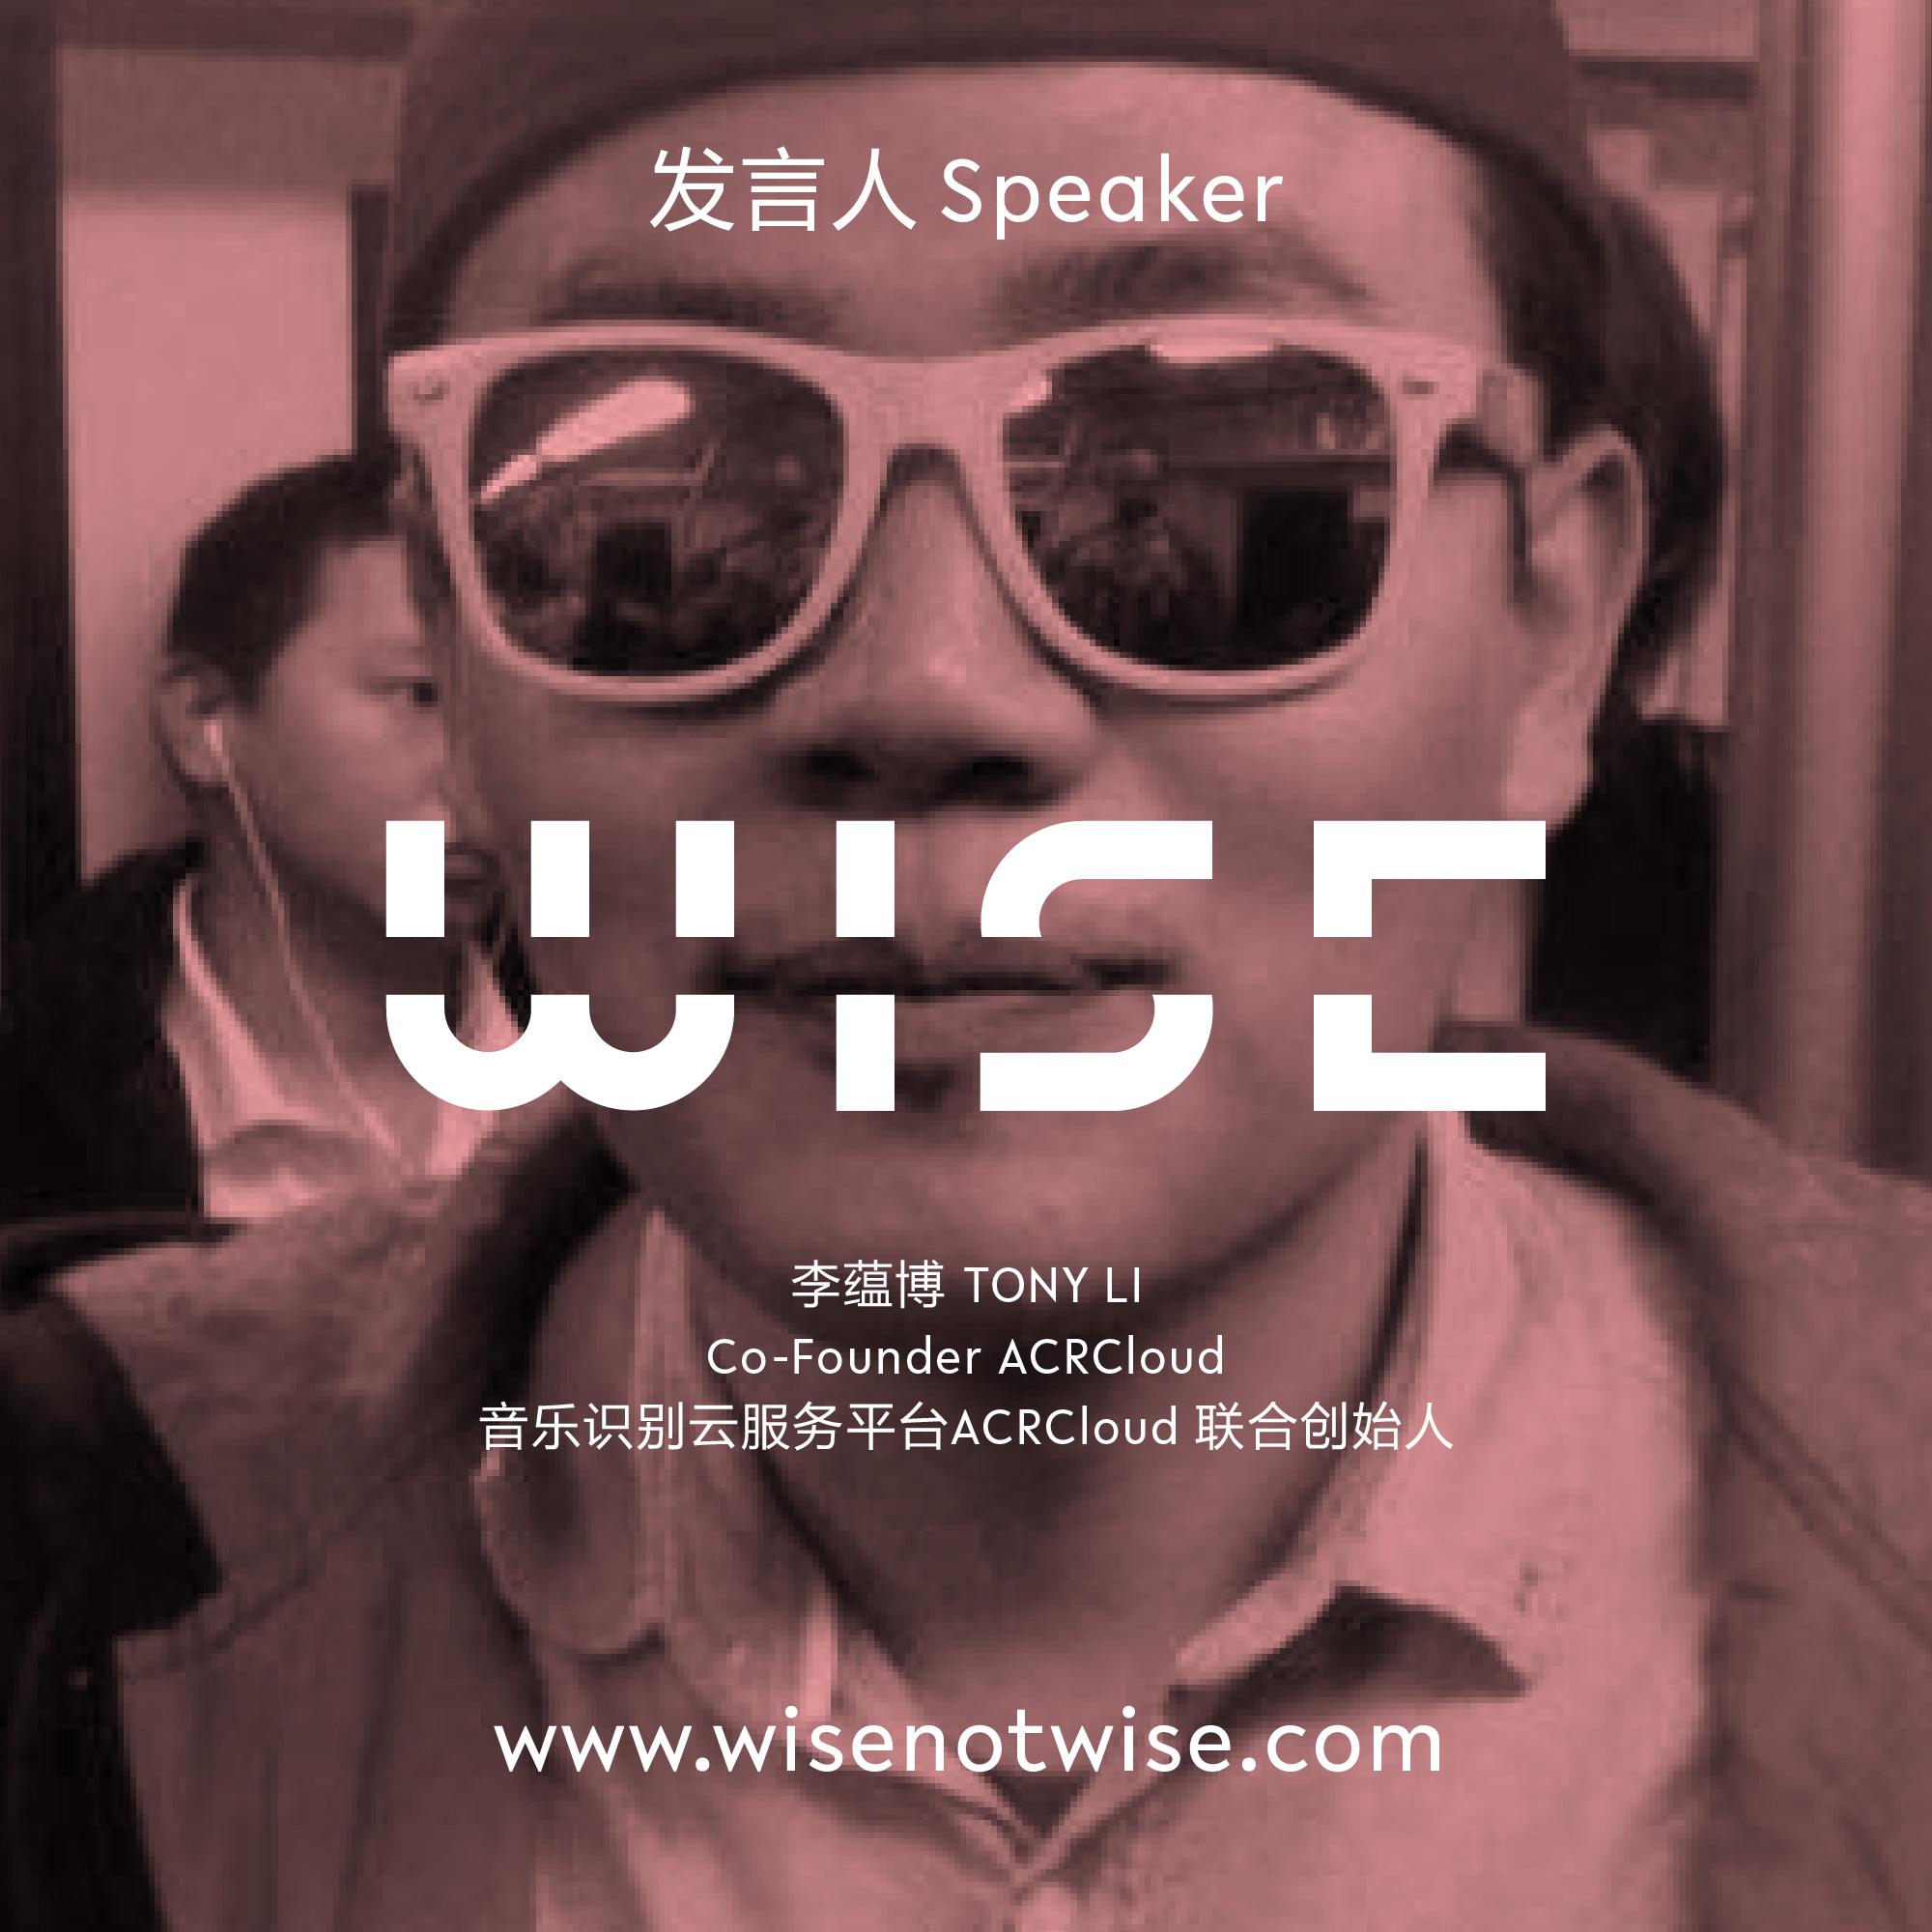 李蕴博(音乐识别云服务平台ACRCloud联合创始人)